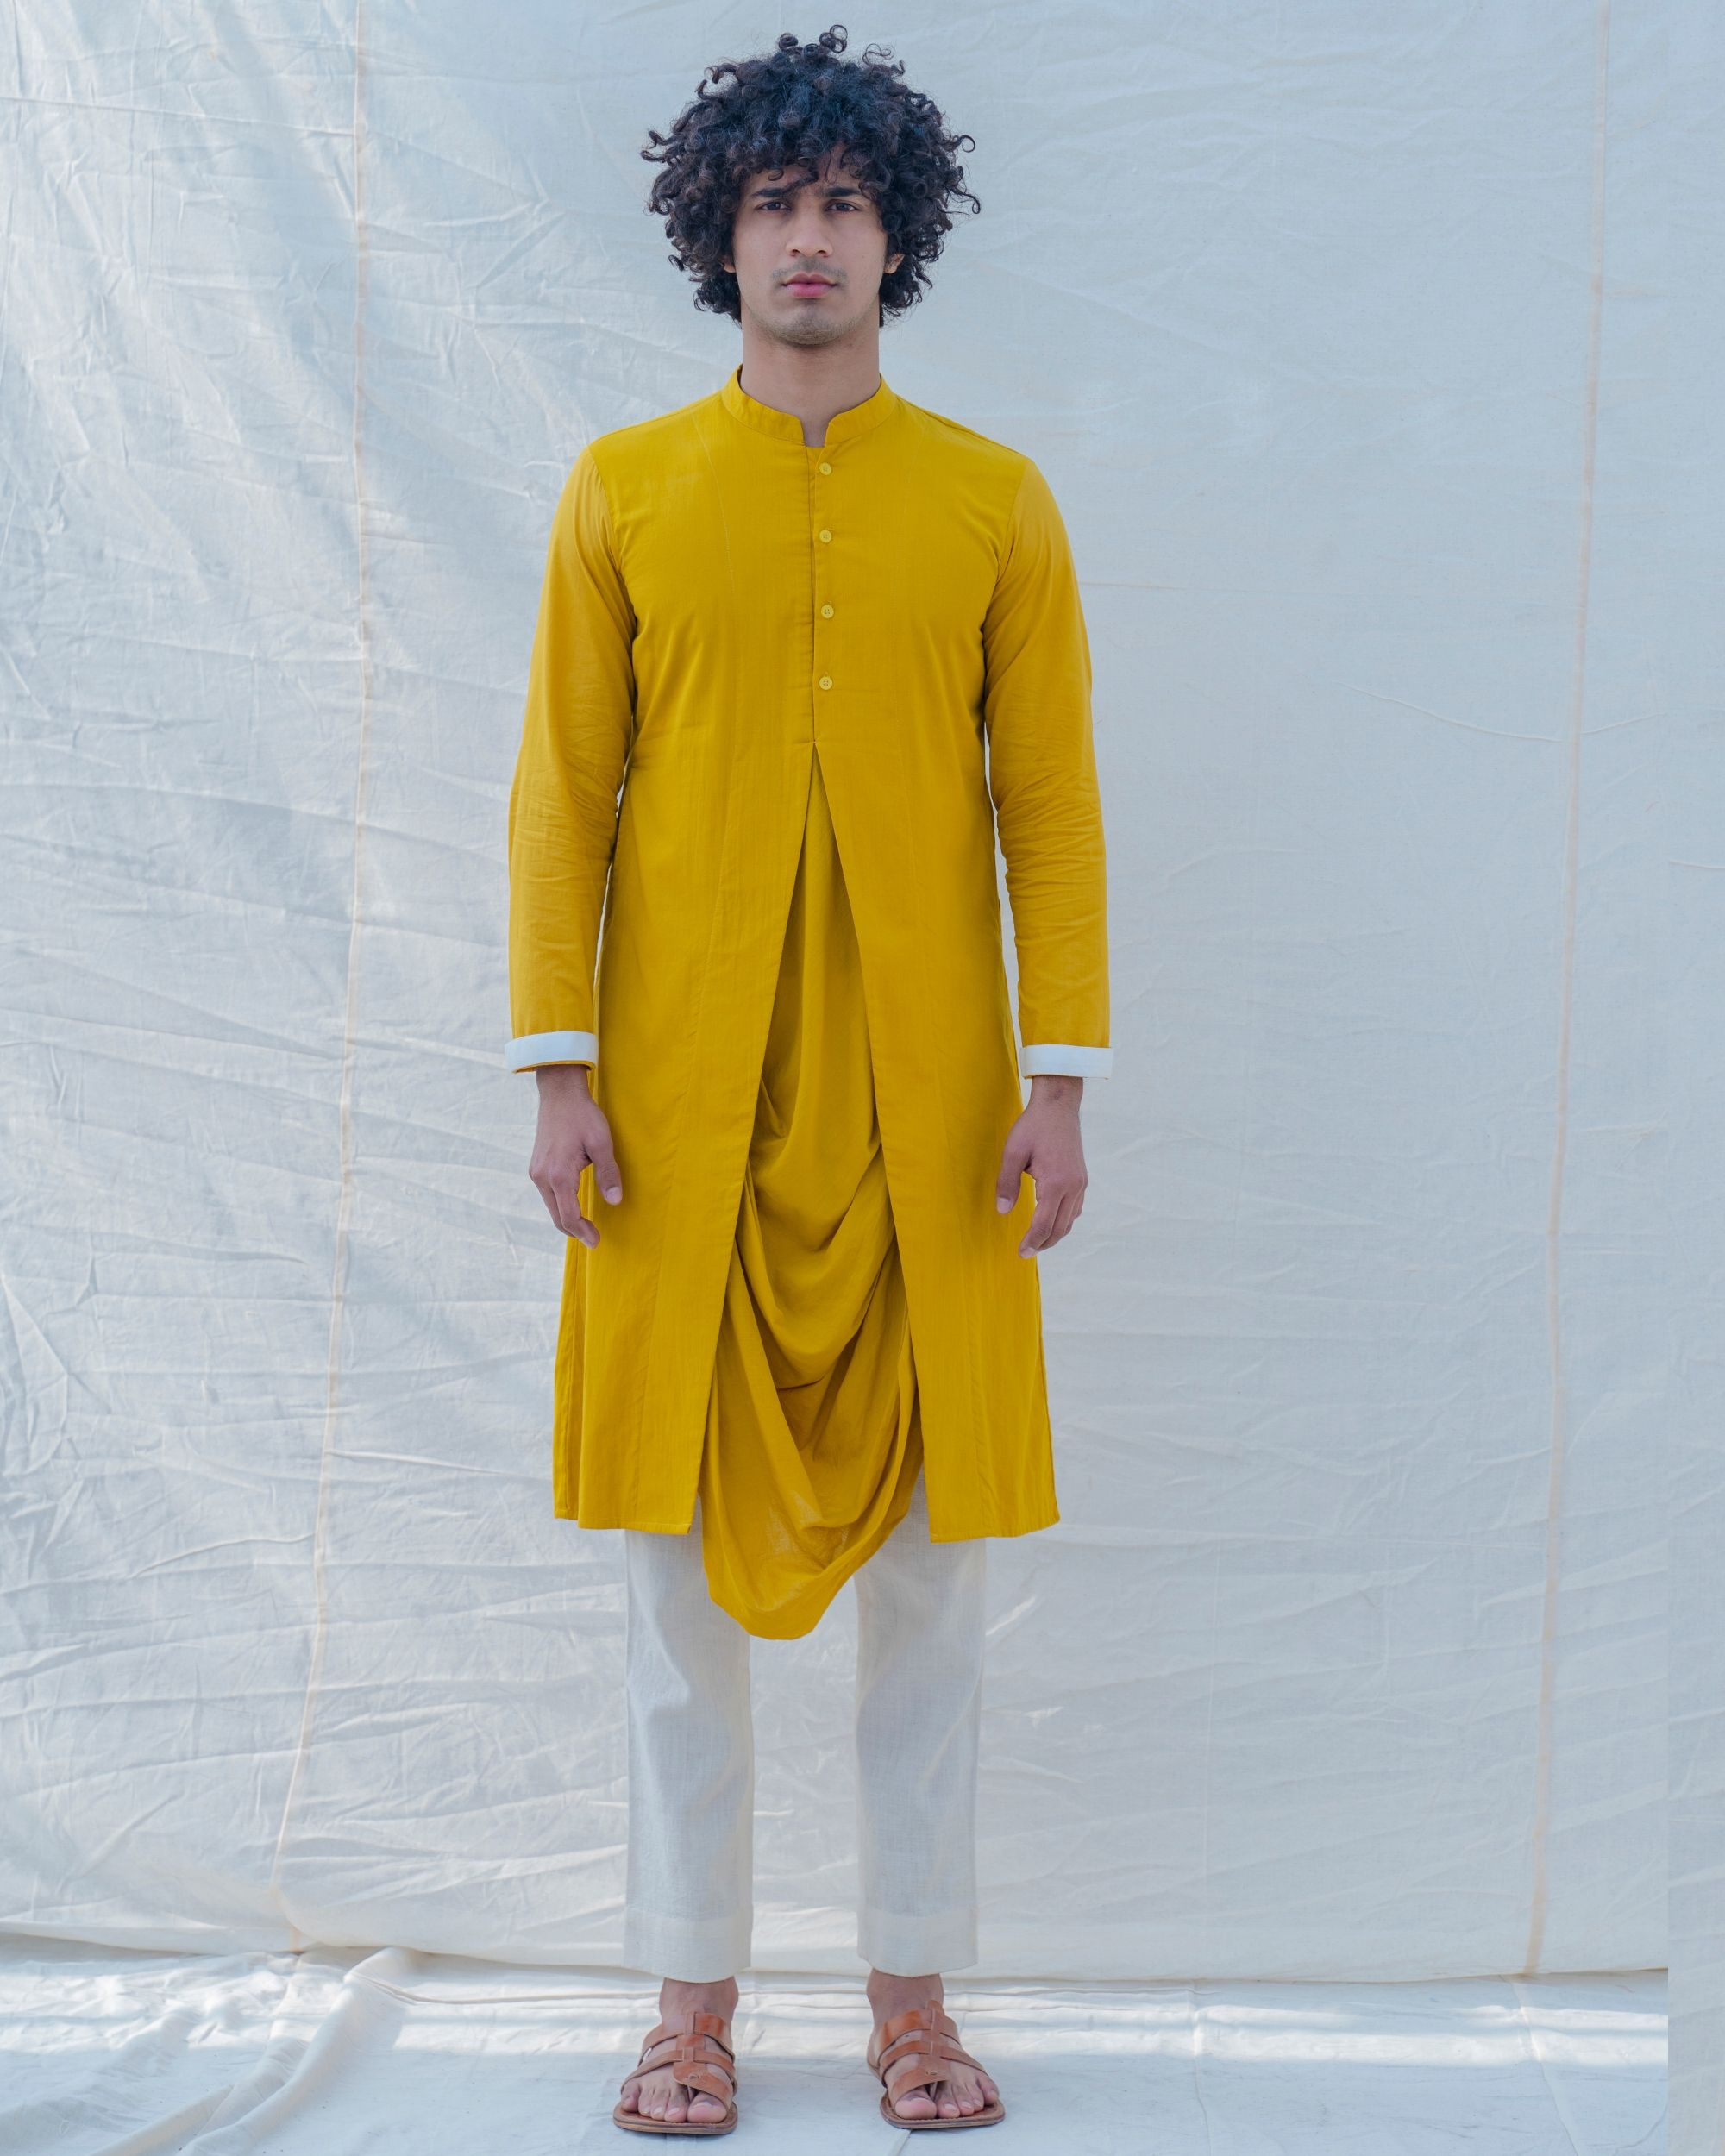 Yellow and white draped kurta